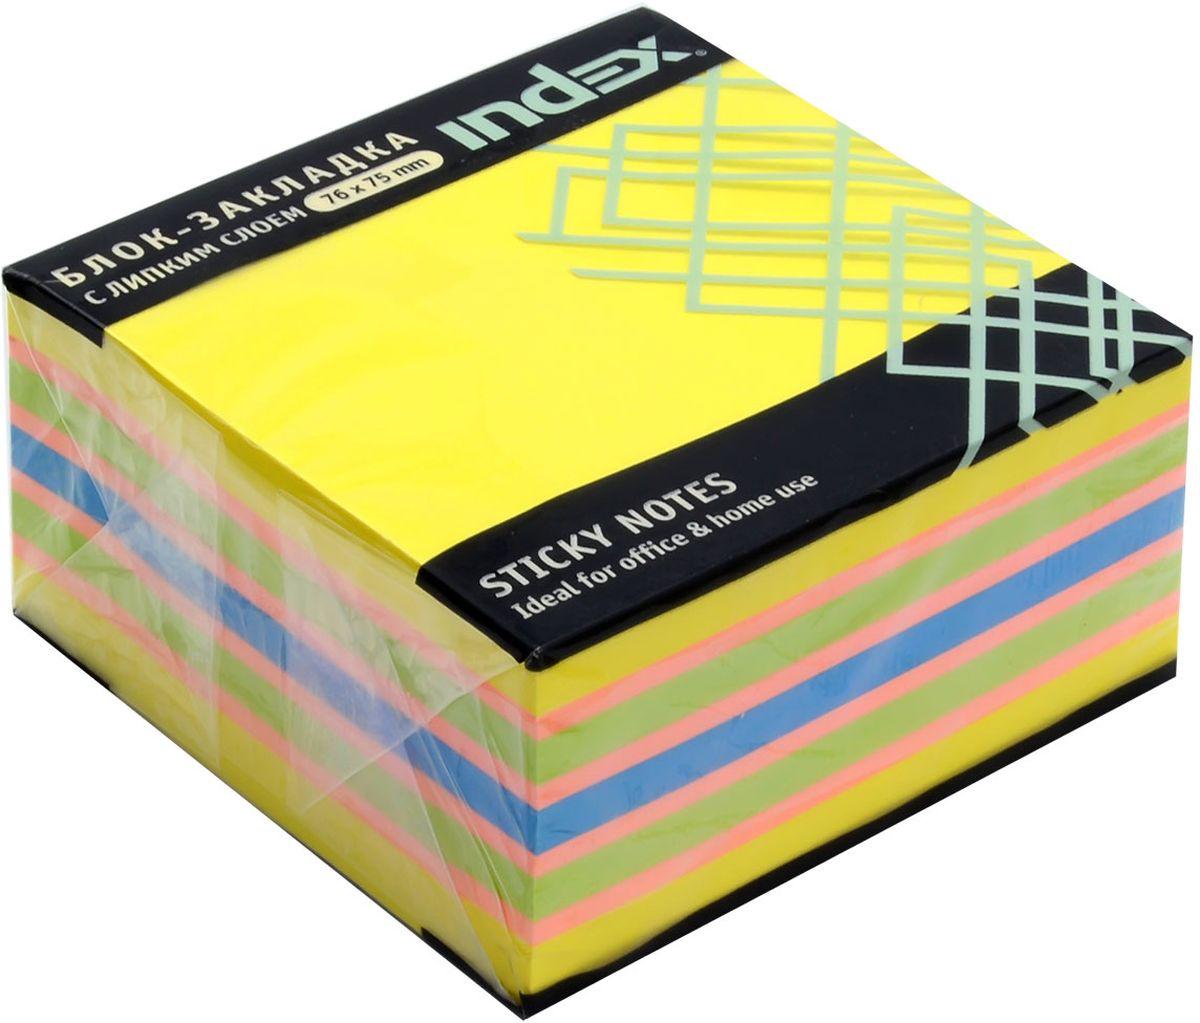 Index Бумага для заметок с липким слоем 7,6 х 7,5 см цвет желтый 400 листов I433812 brauberg бумага для заметок с липким слоем линованая 60 листов